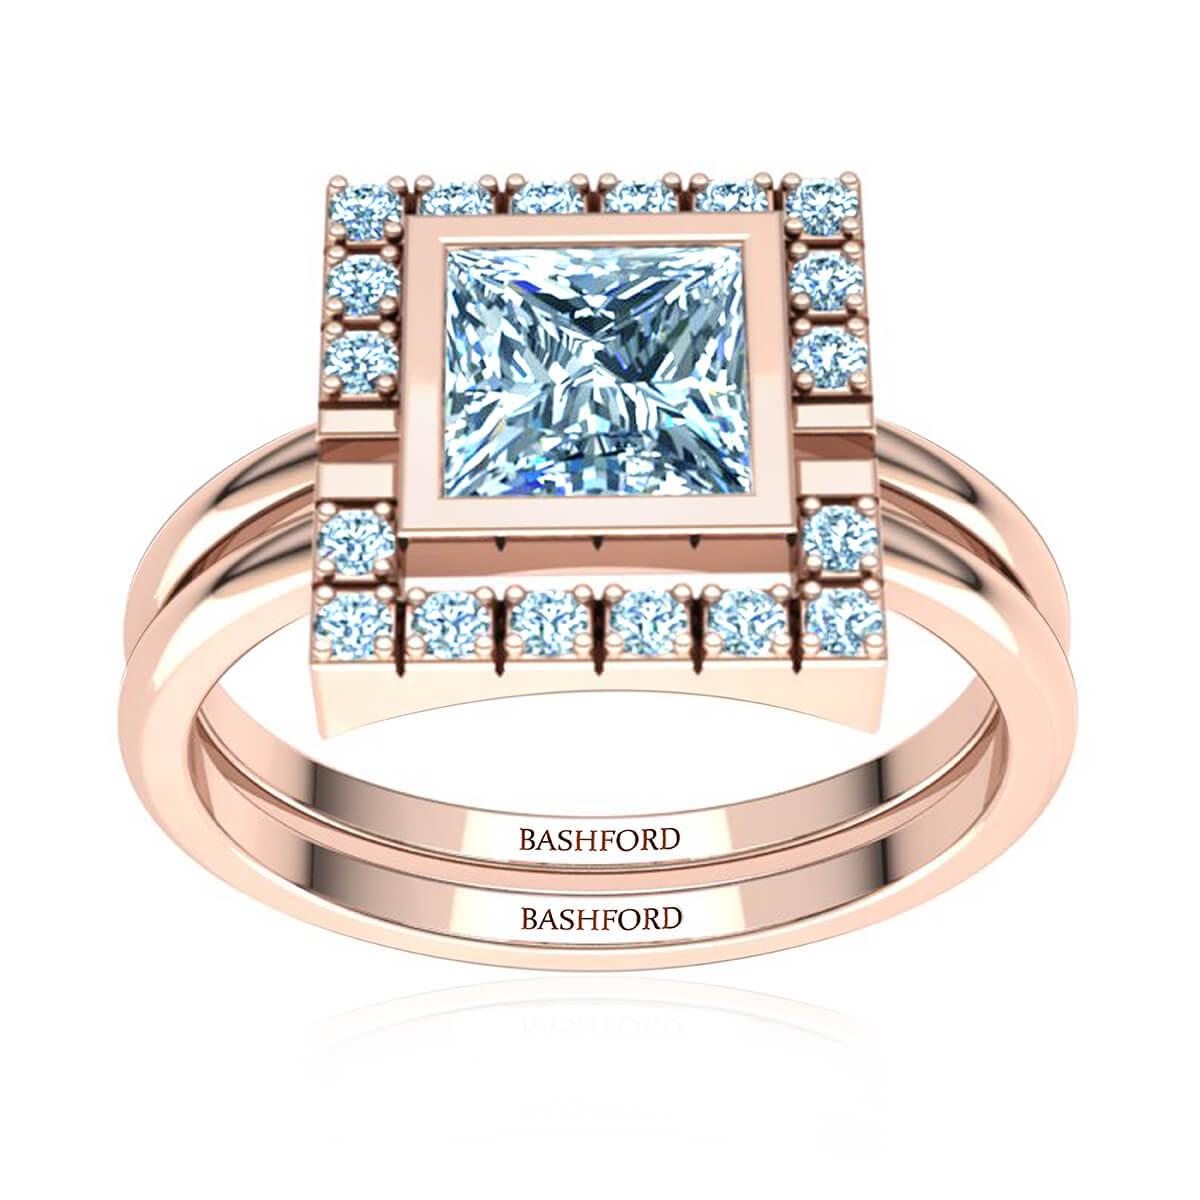 Bashford Jewelry Desert Rose Diamond Matched Set